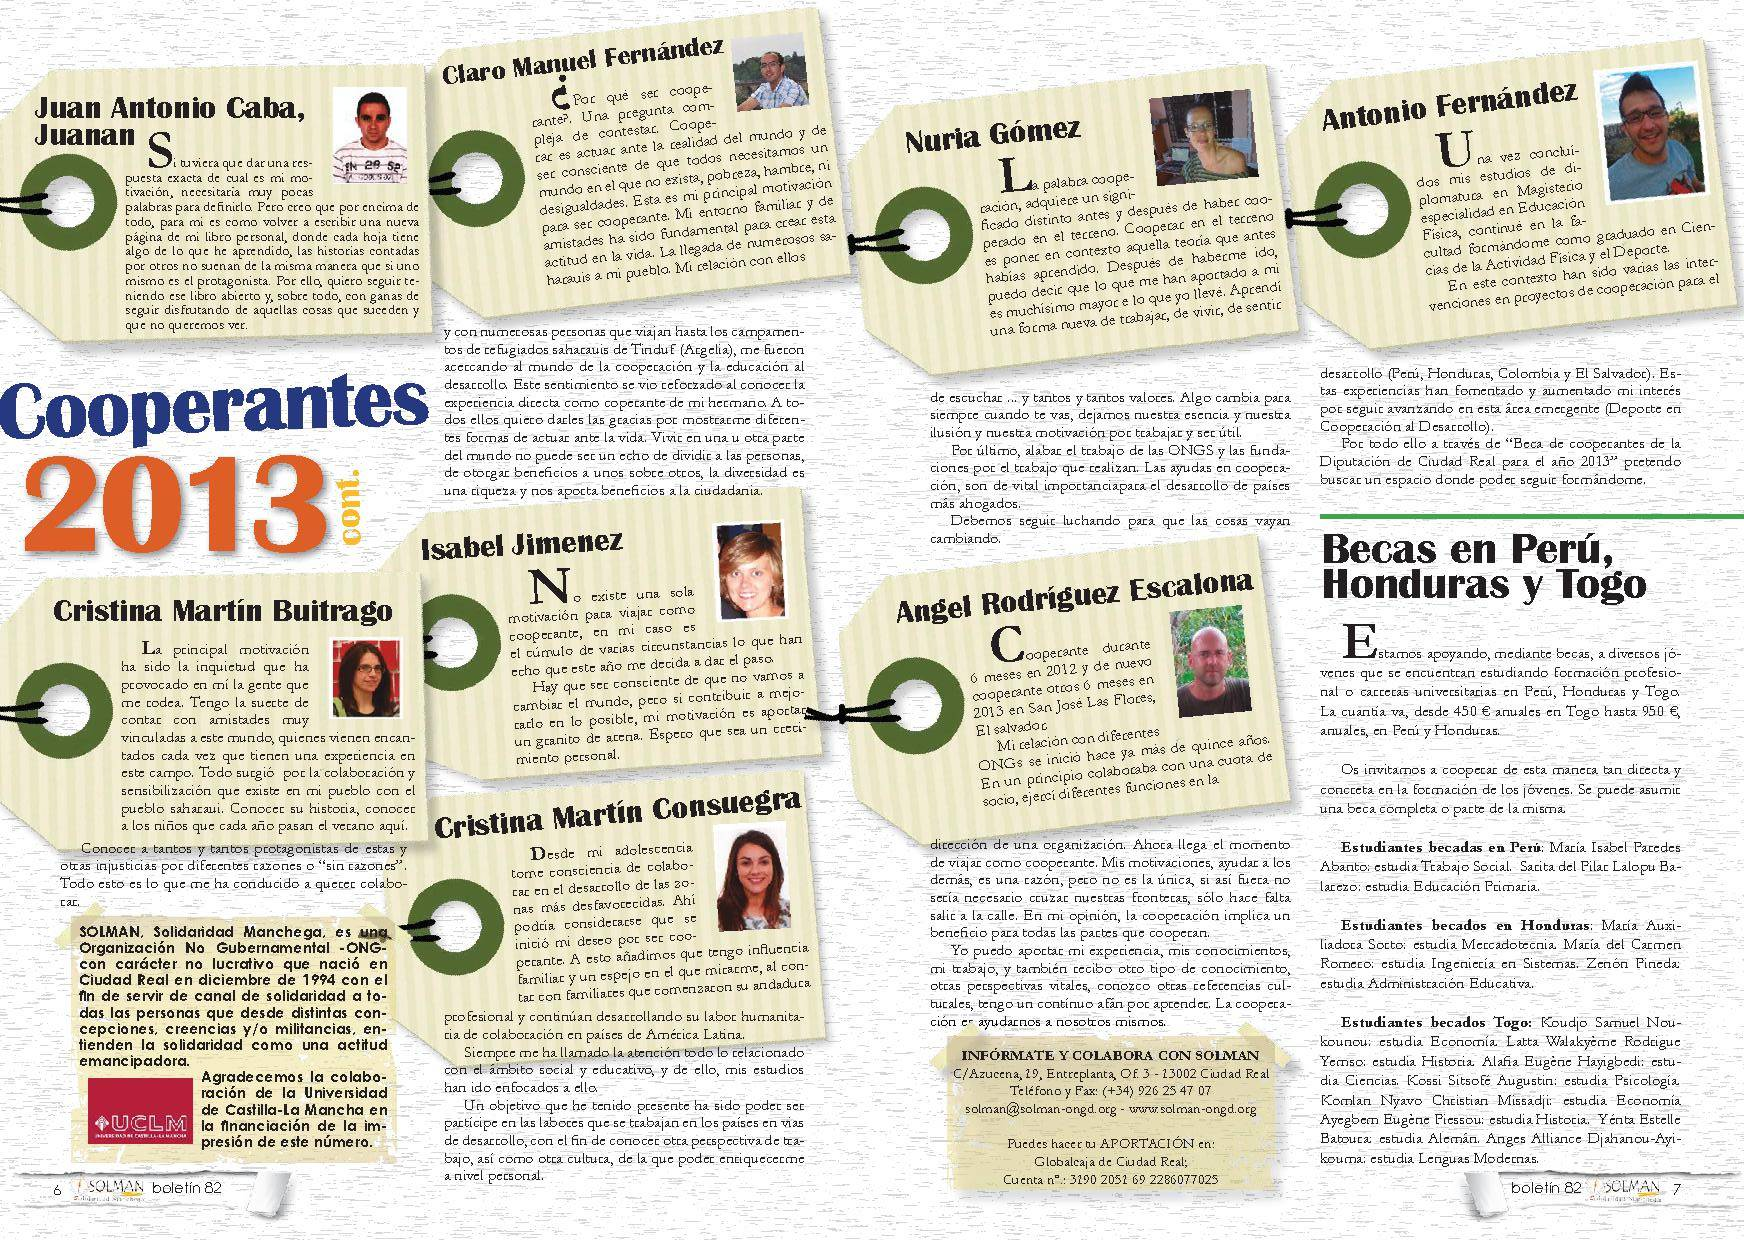 Cooperantes 2013 - Cuatro herencianos en el boletín de Solman